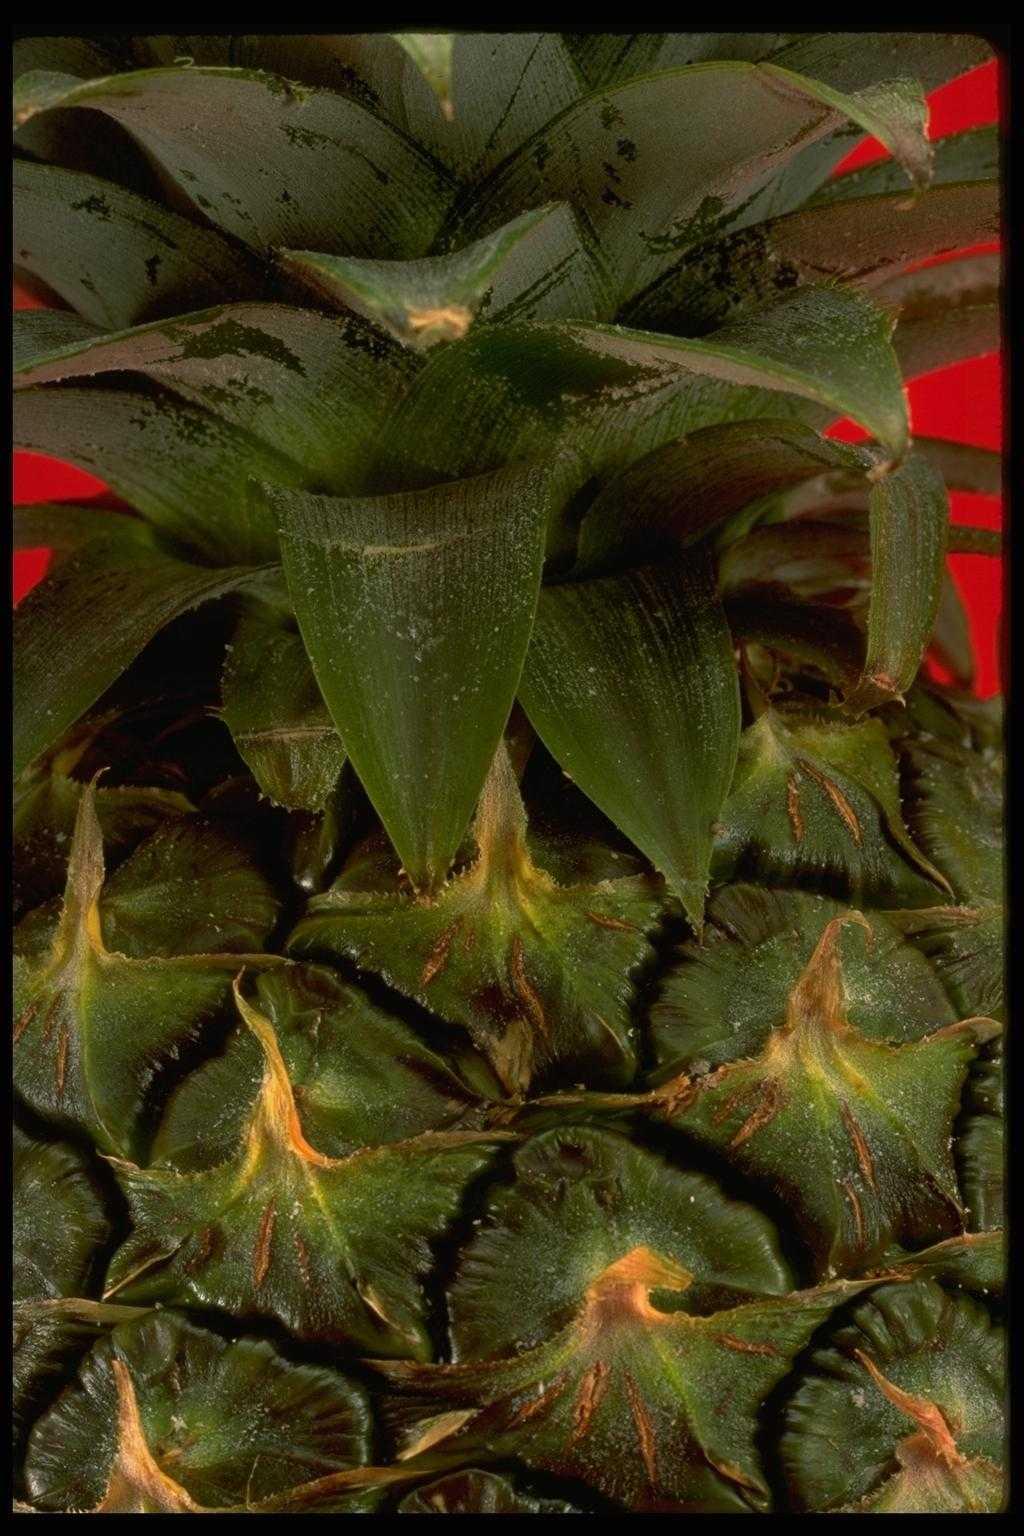 Верхняя часть незрелого ананаса